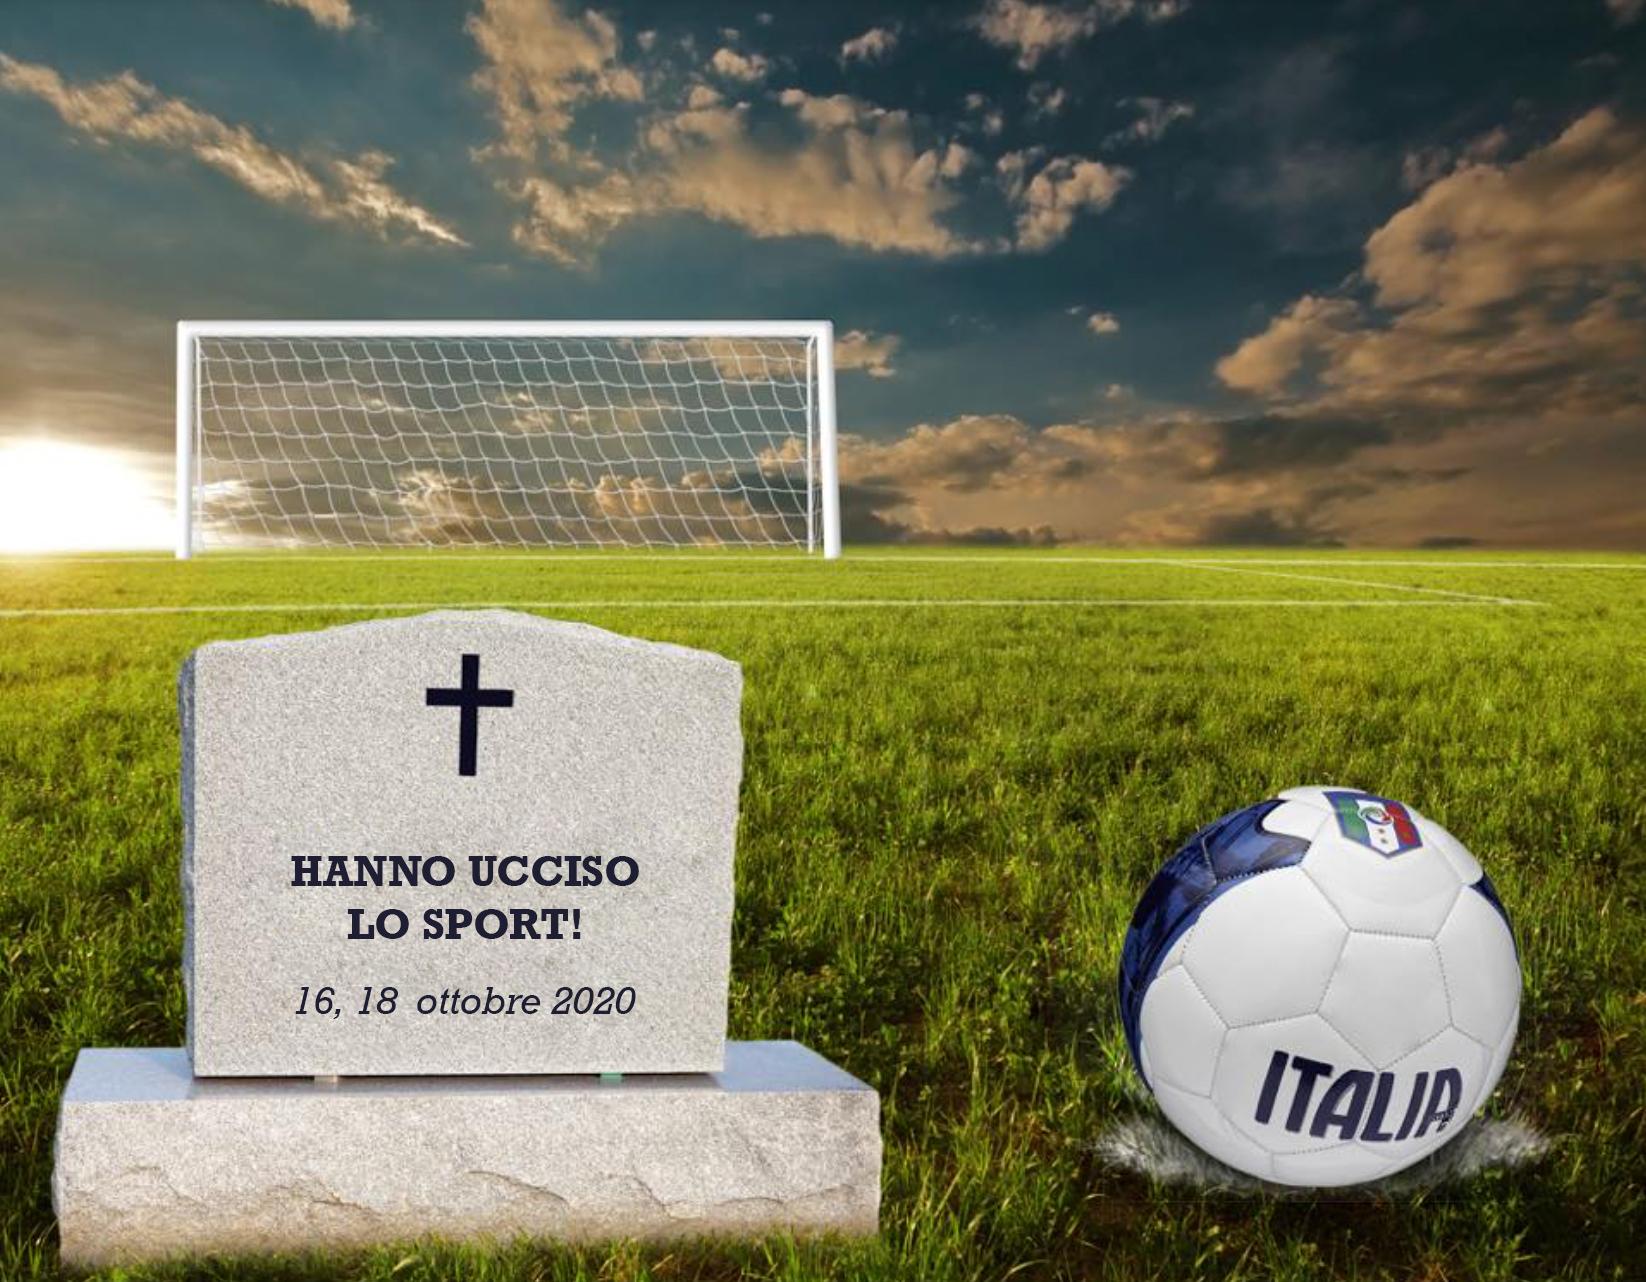 Hanno ucciso lo sport